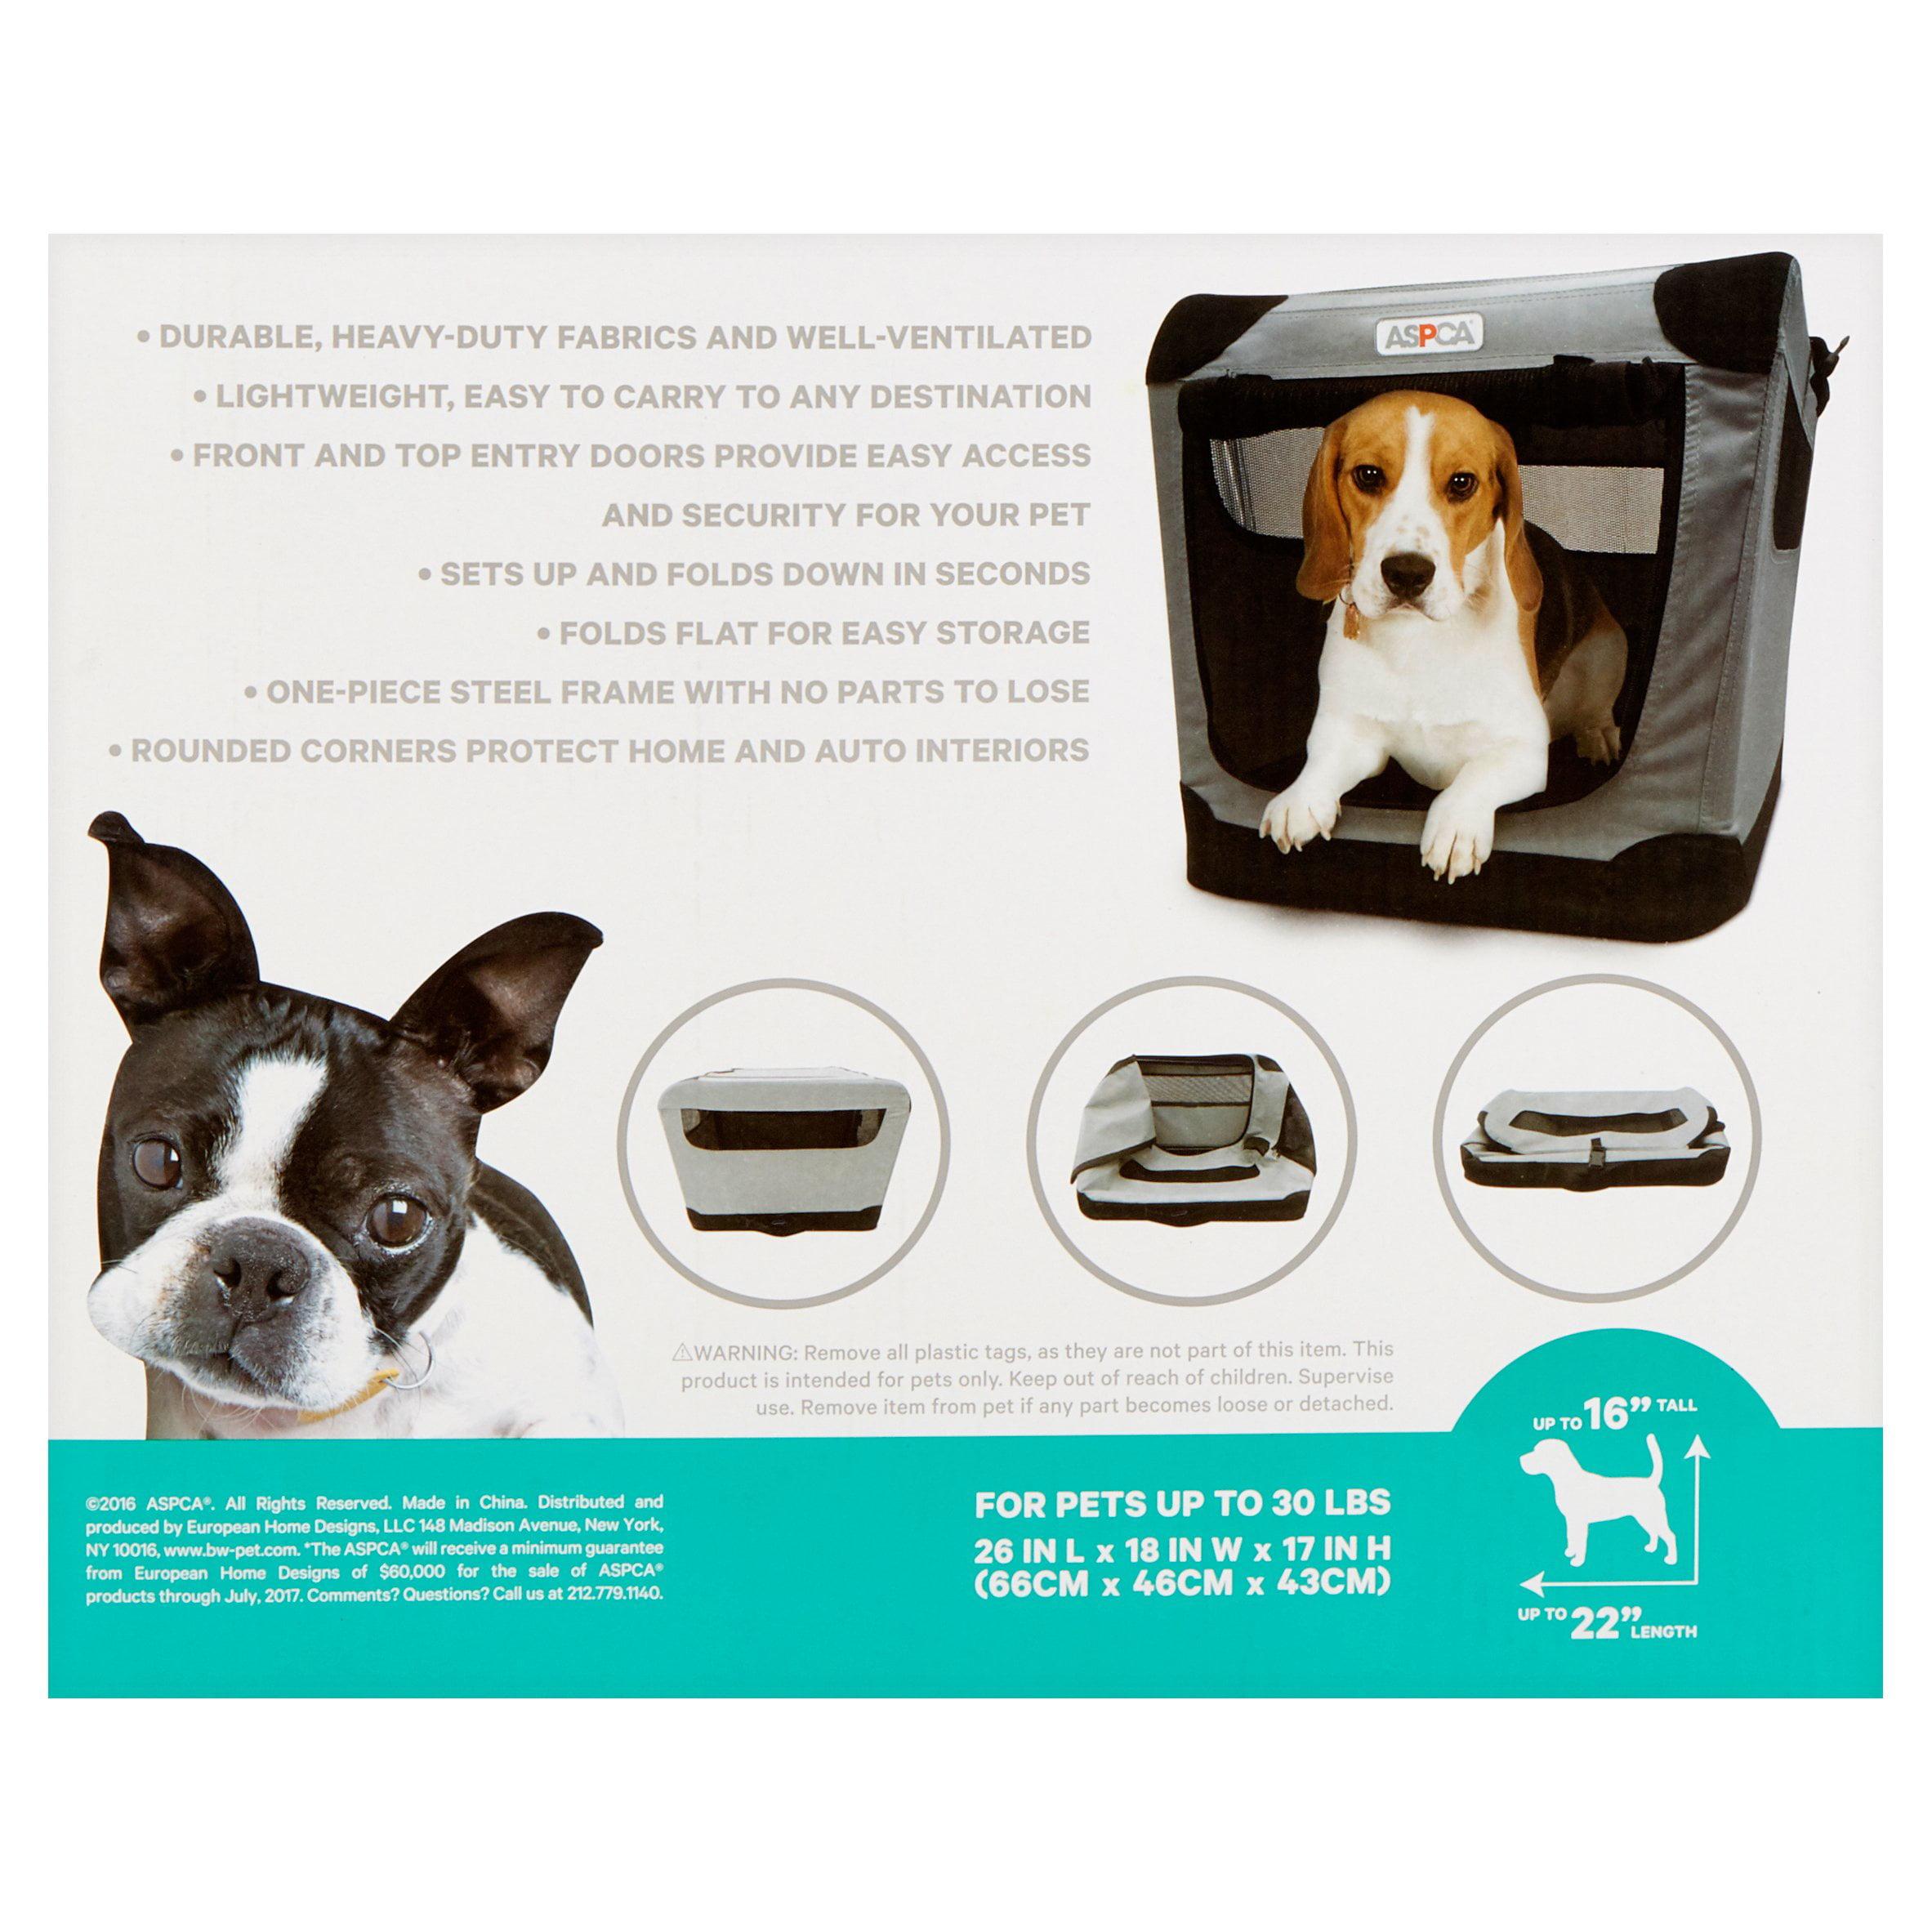 ASPCA Indoor/Outdoor Portable Soft Pet Crate